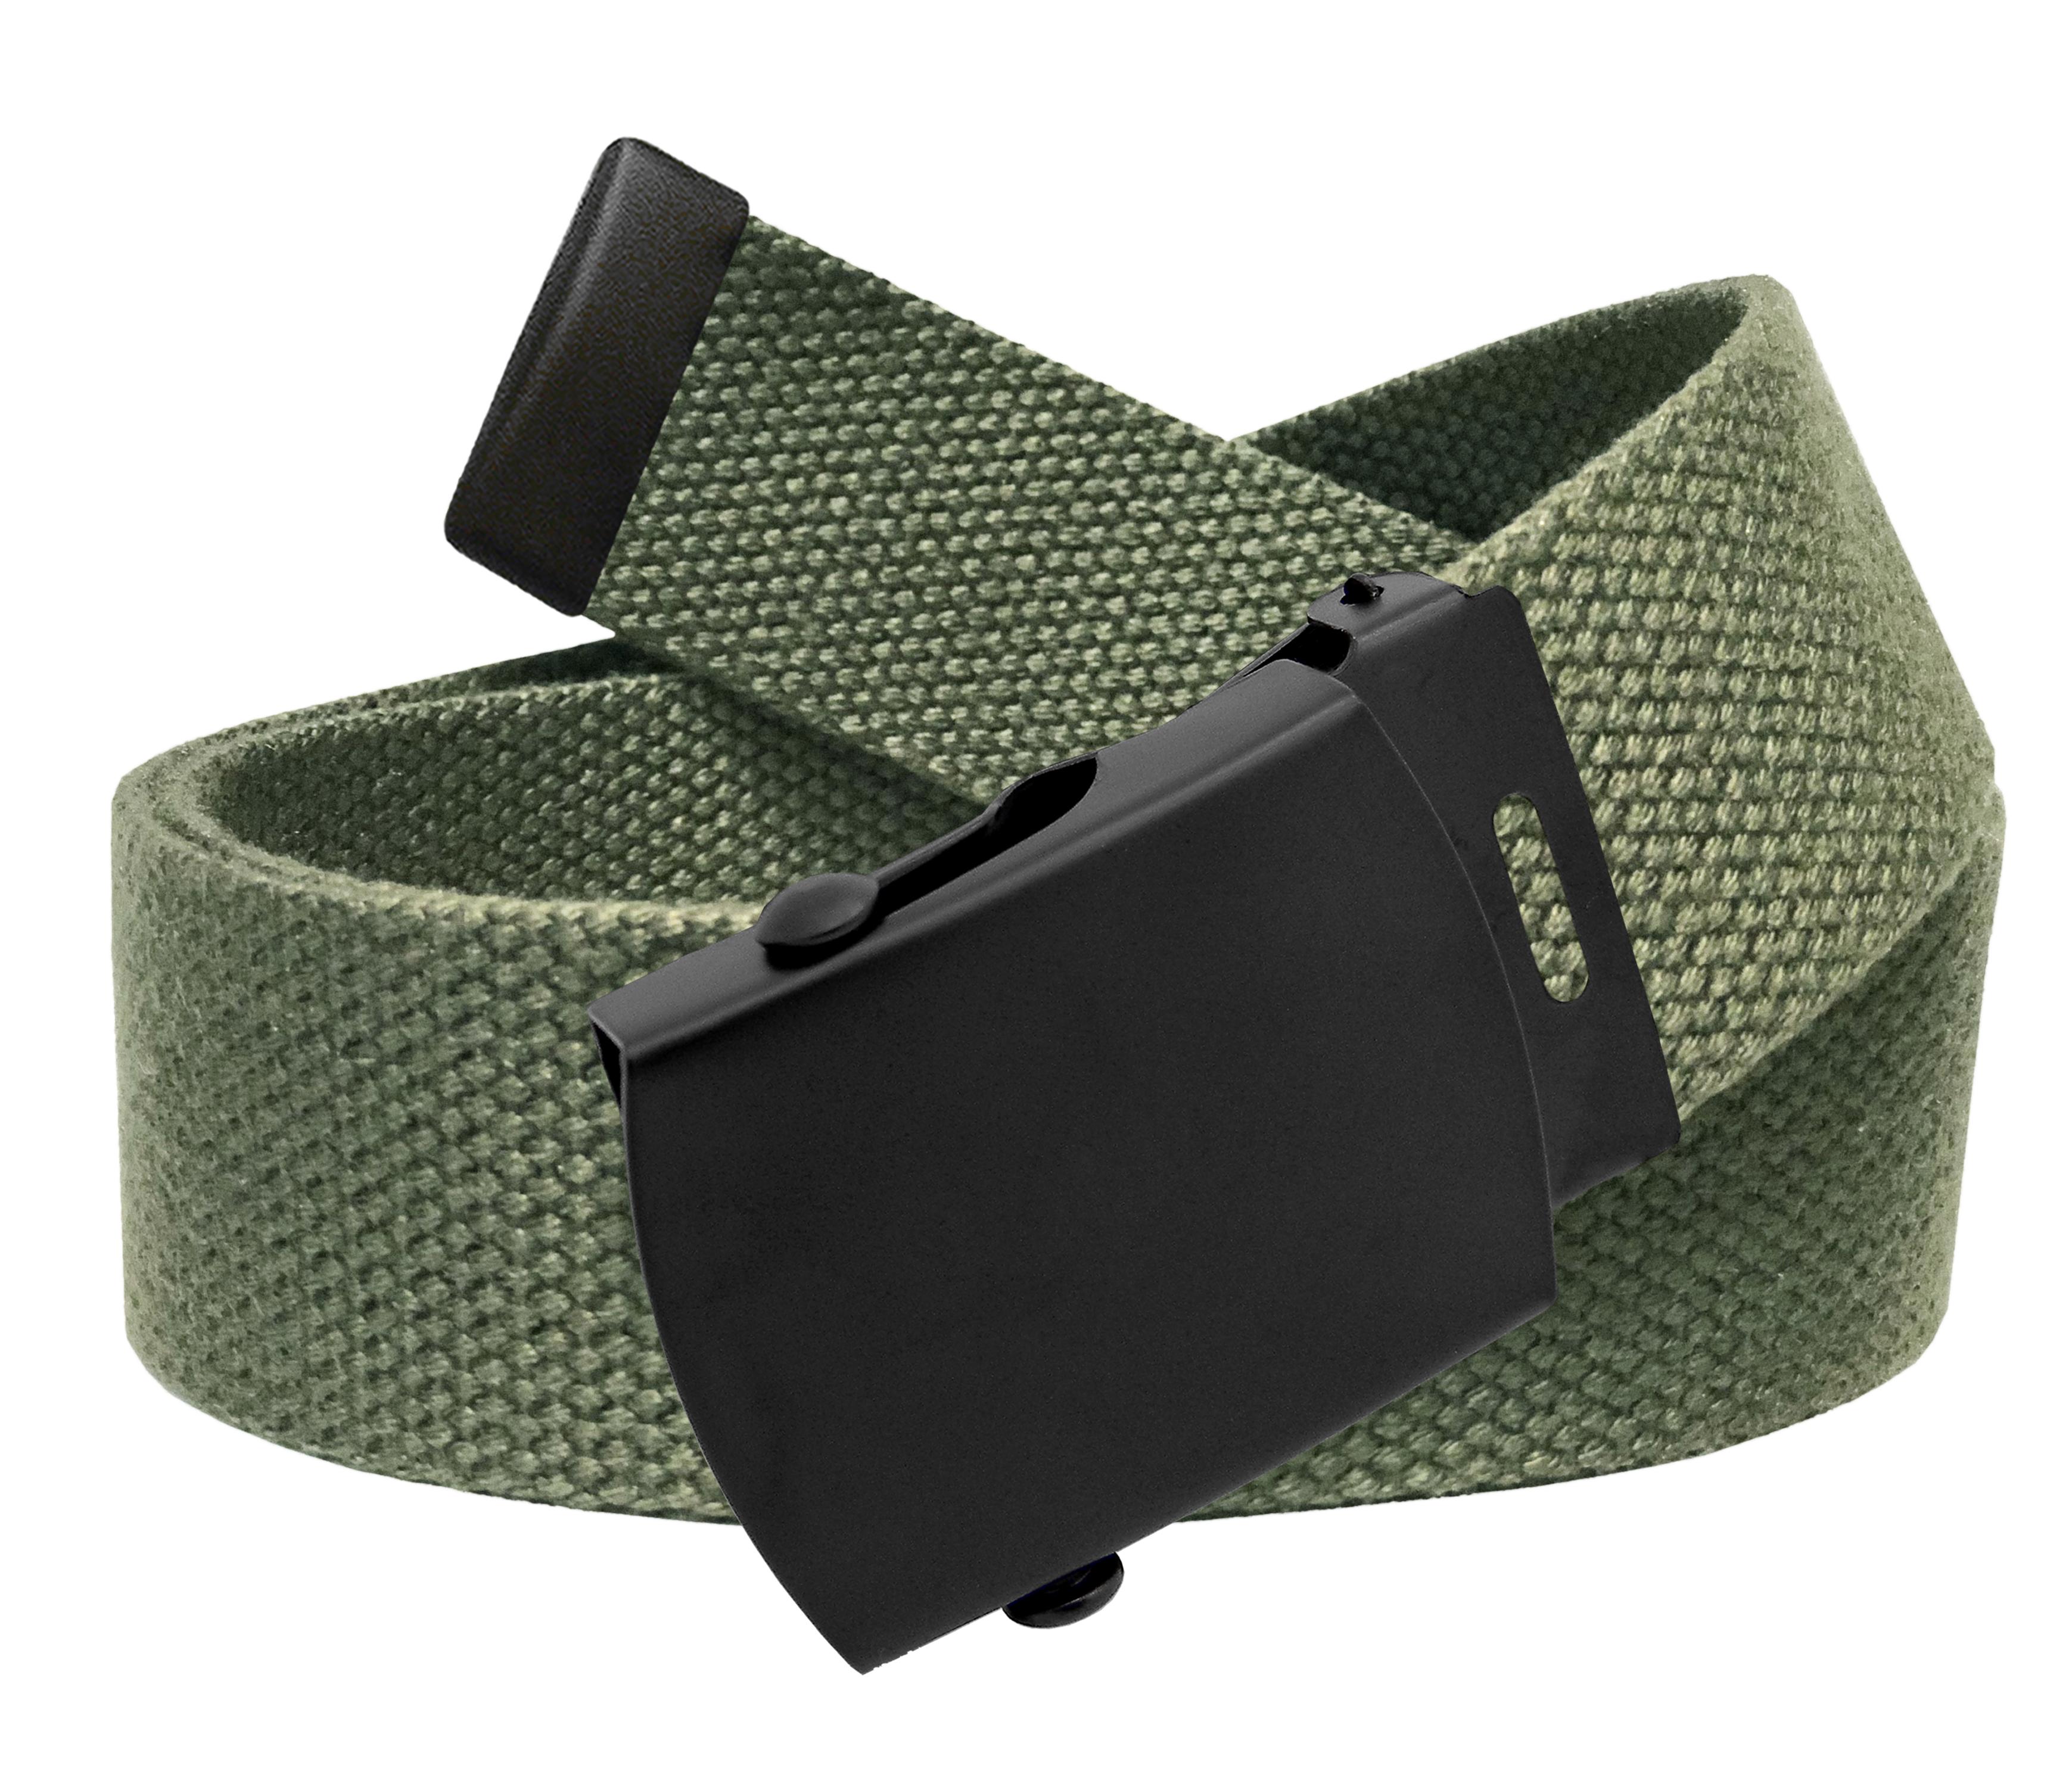 78b450c8d09c4b Build A Belt - All Sizes Men's Golf Belt in 1.5 Black Slider Belt Buckle  with Adjustable Canvas Web Belt Small Black - Walmart.com